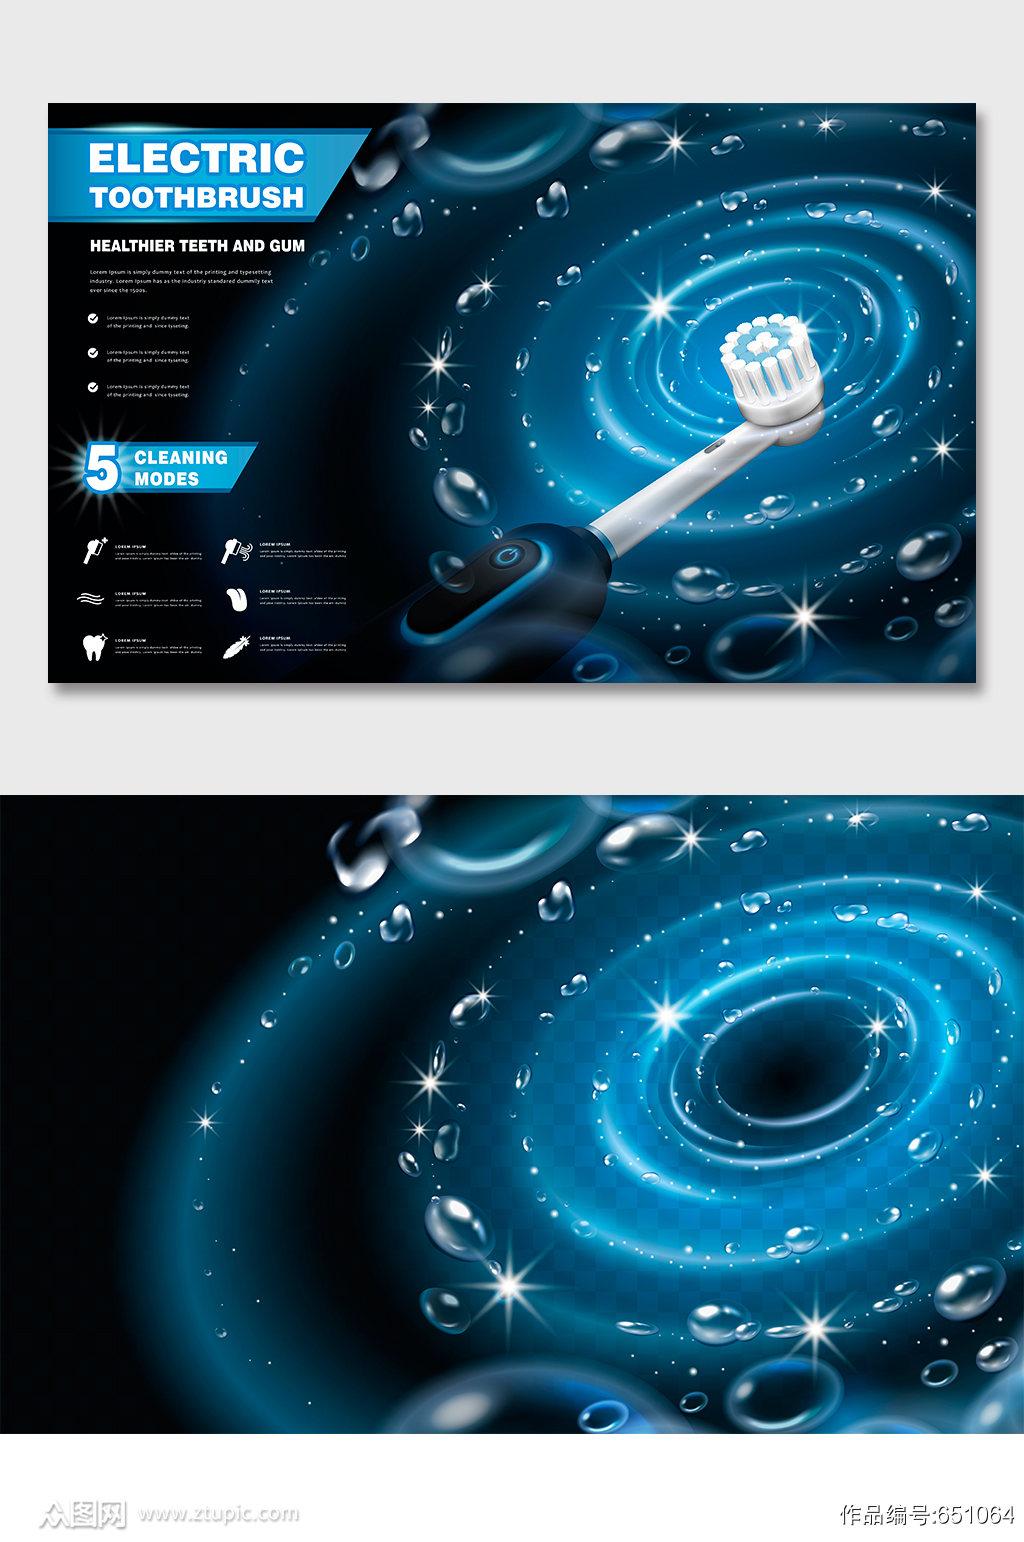 电动牙刷海报蓝色汽泡背景素材